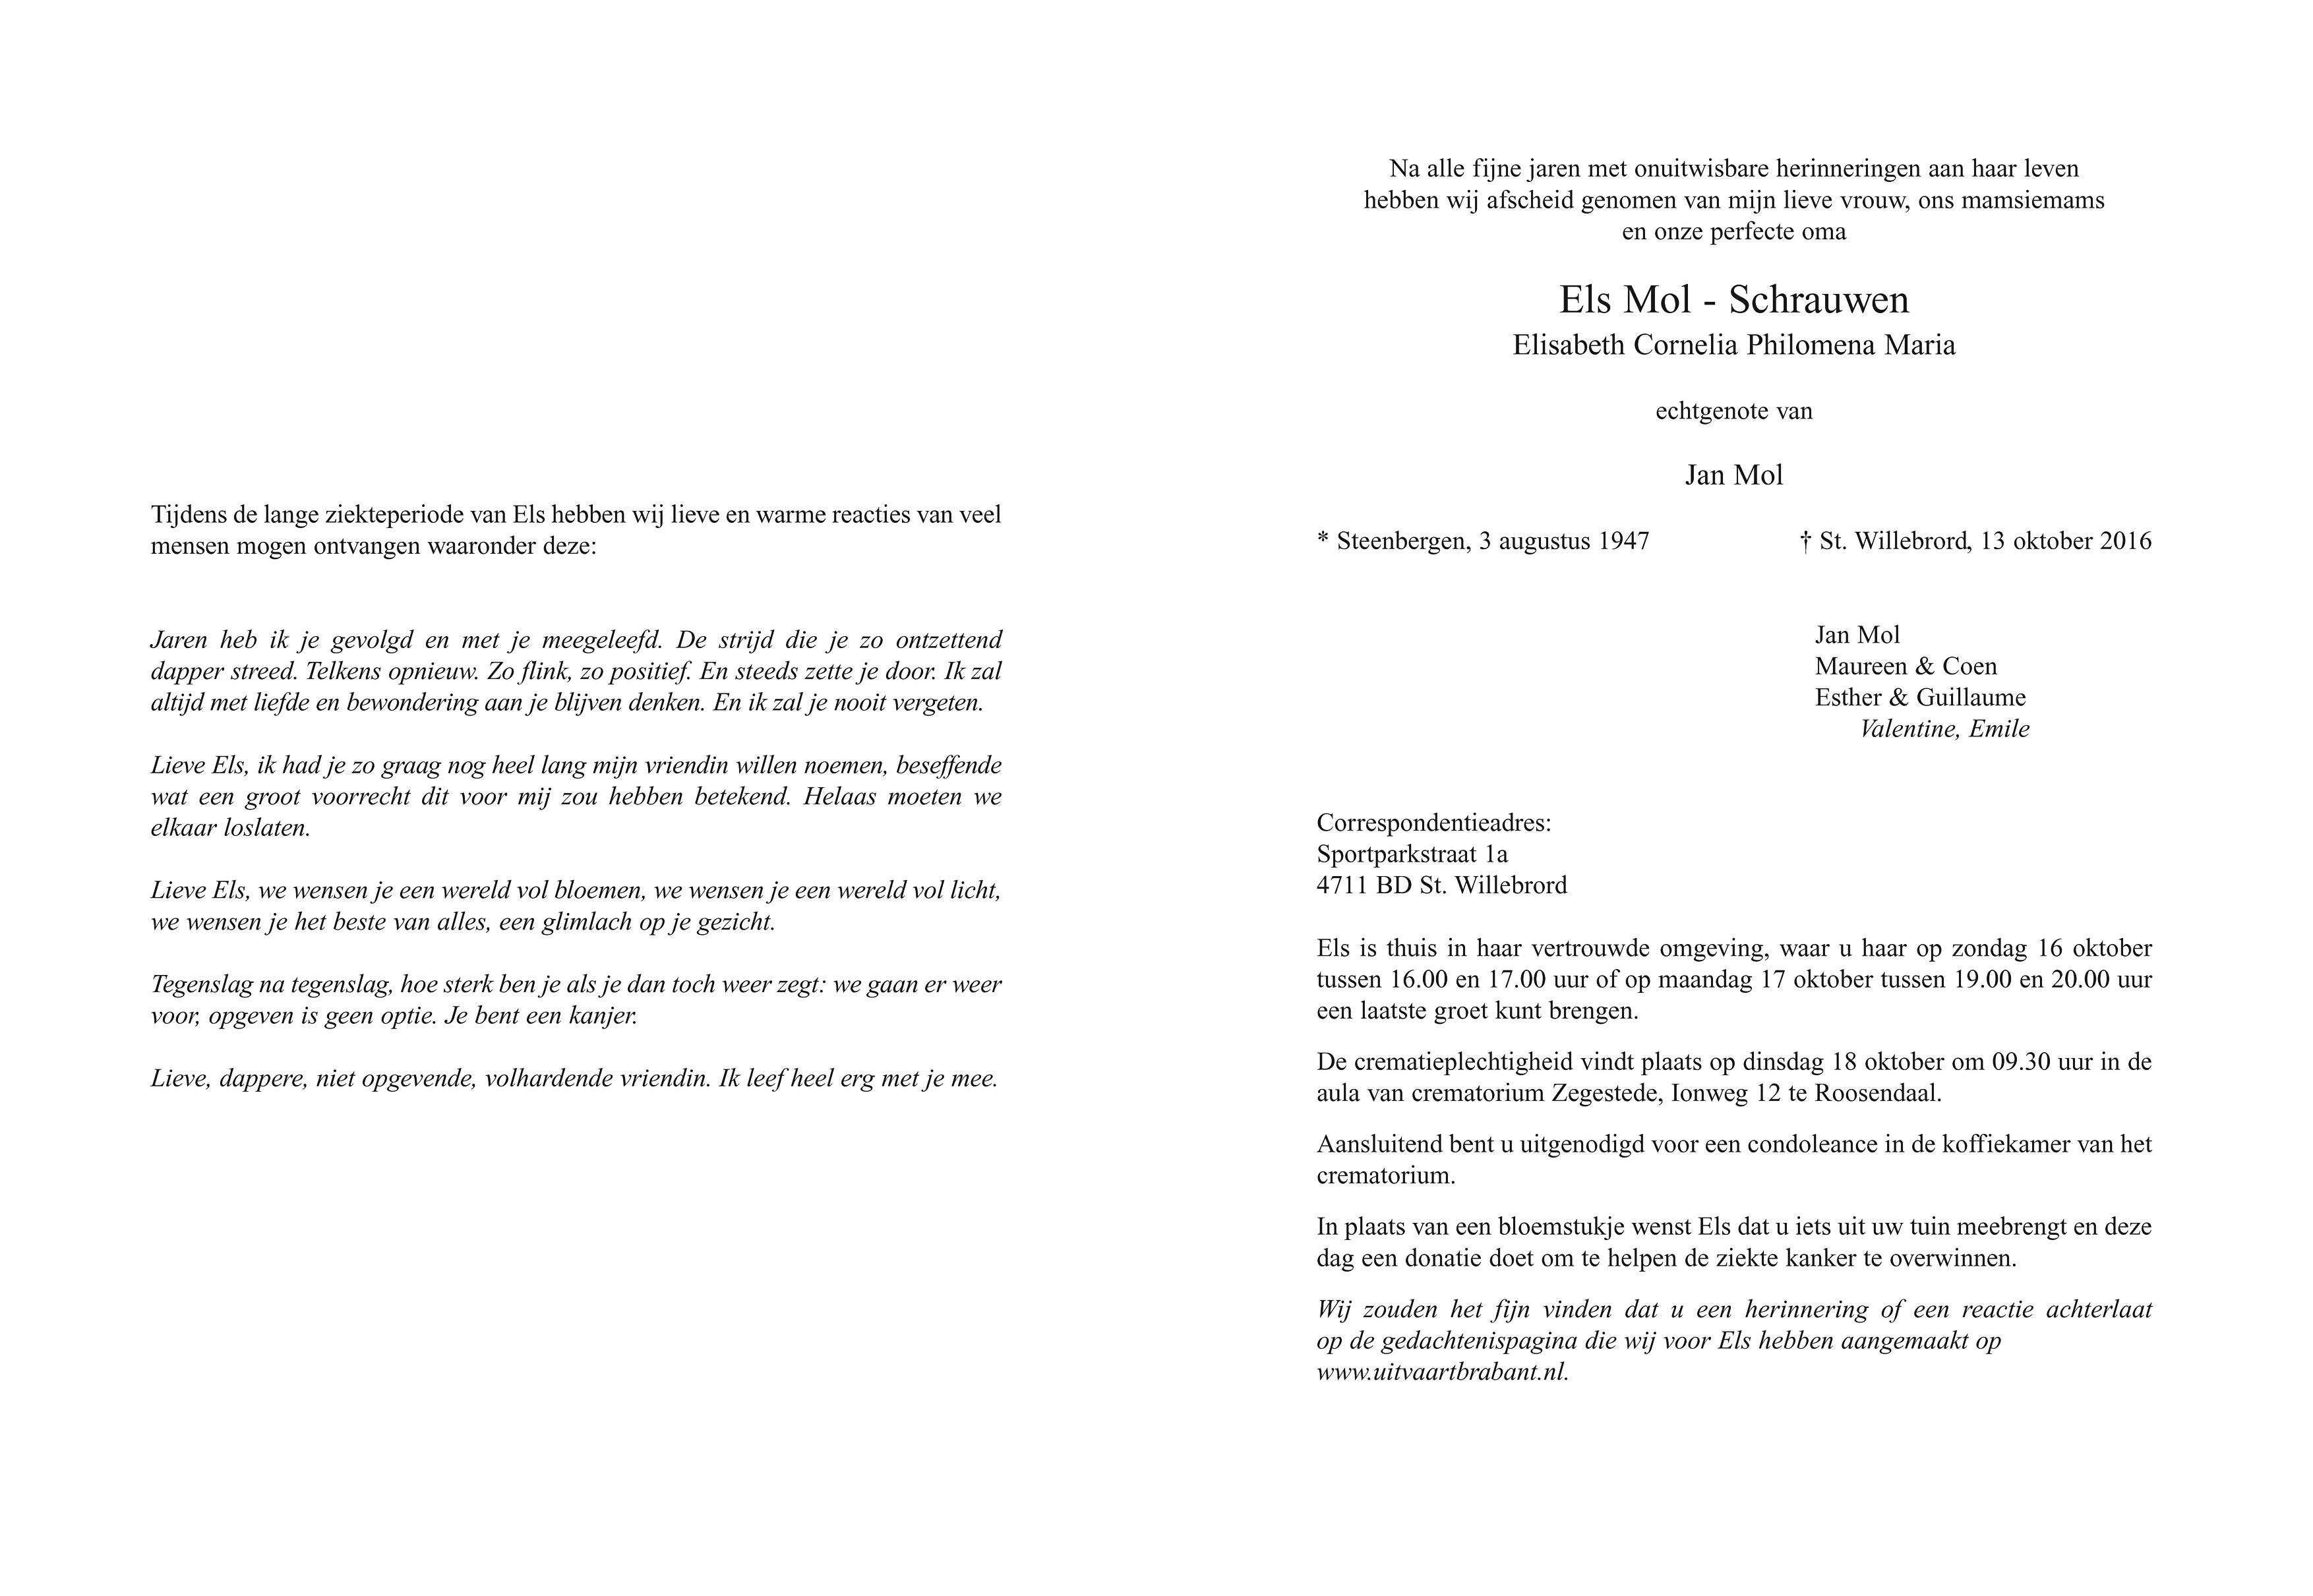 Els Mol - Schrauwen Death notice